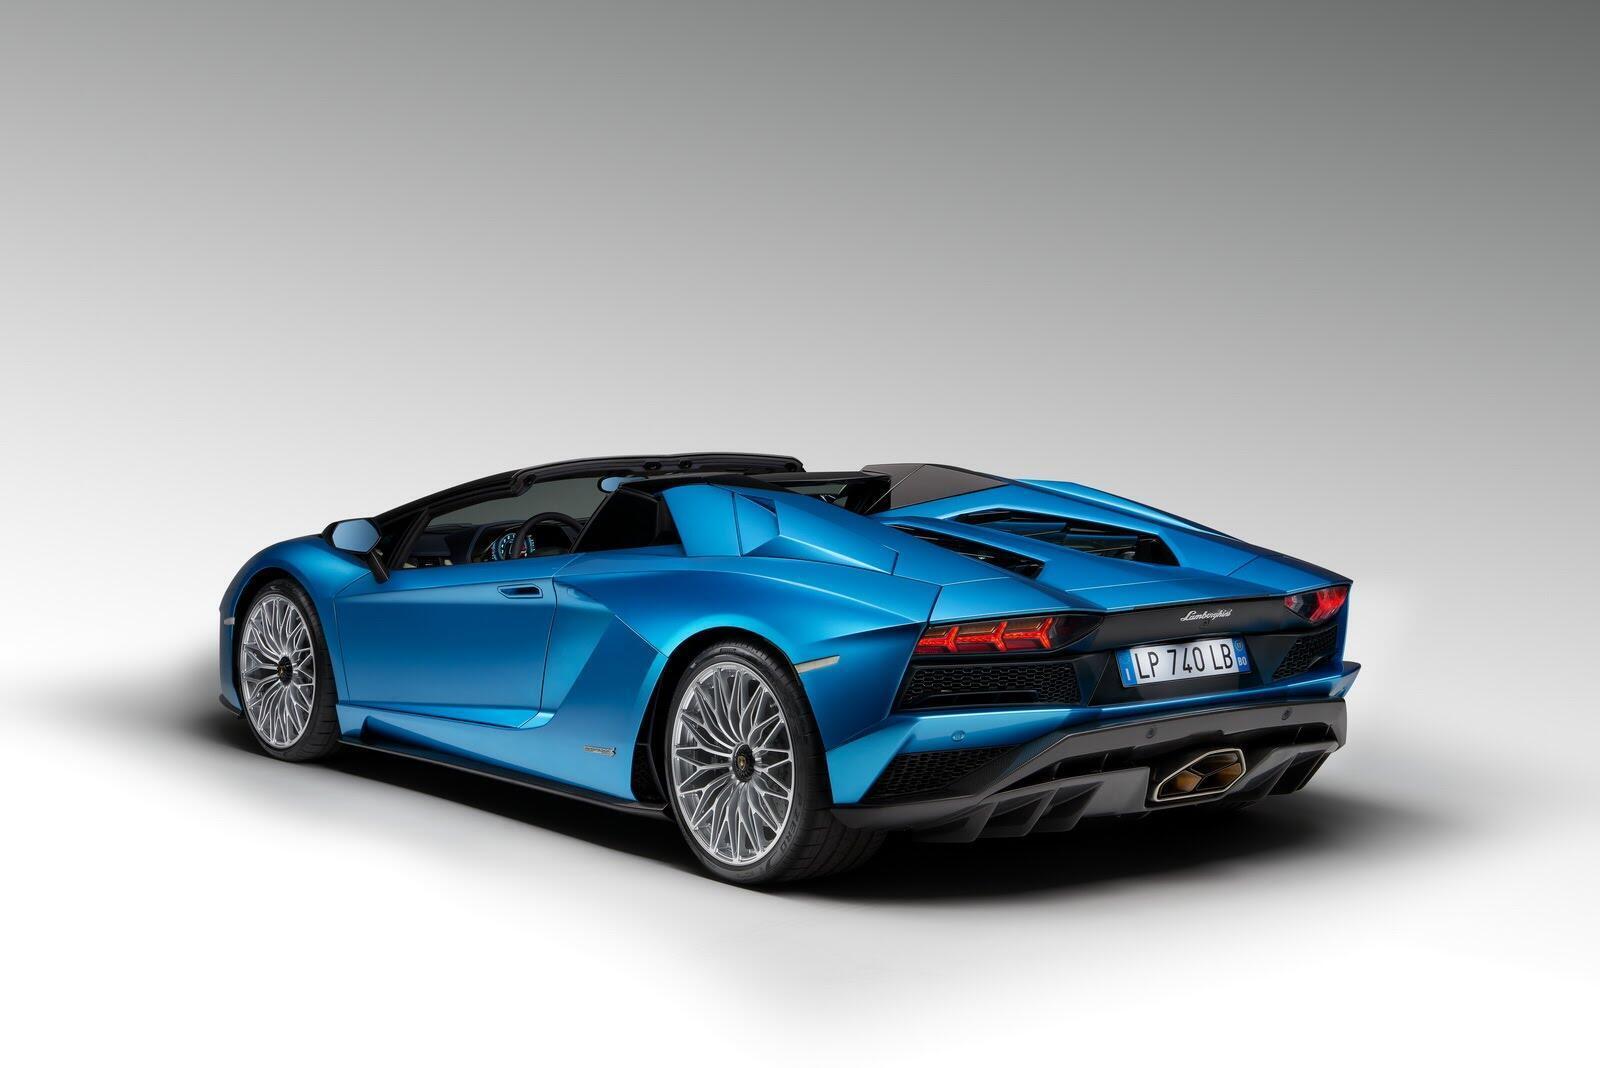 Siêu xe Lamborghini Aventador S Roadster chính thức trình làng - Hình 16